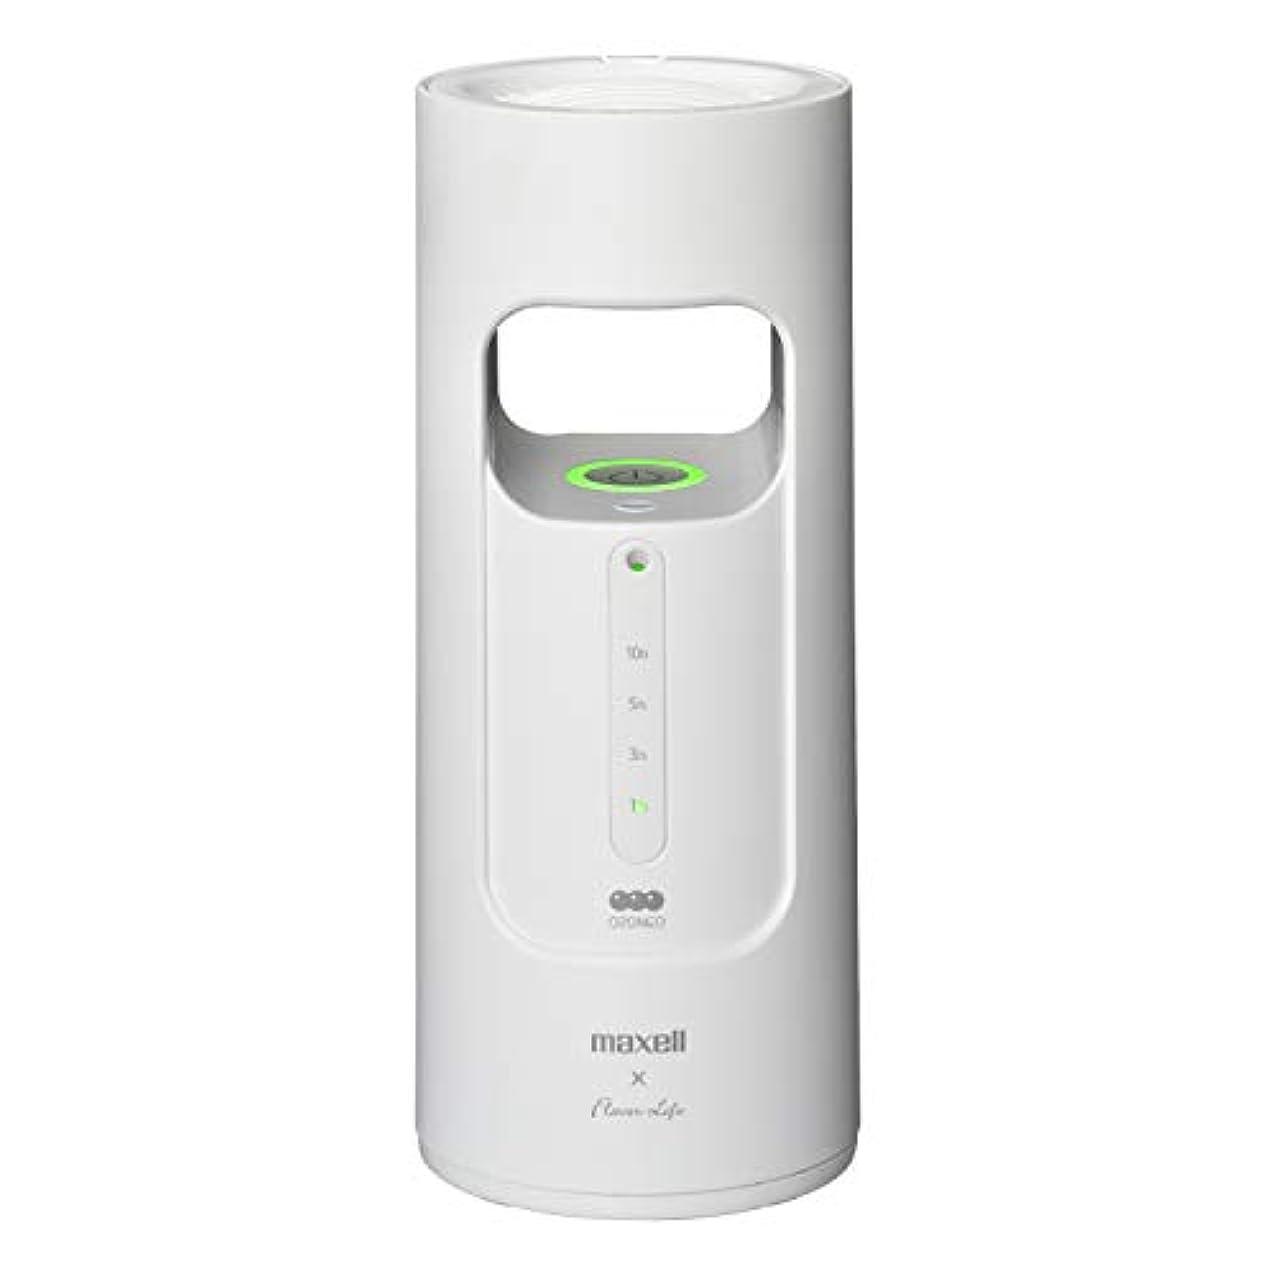 安心させるすばらしいです屋内オゾネオアロマ アロマディフューザー機能付除菌消臭器